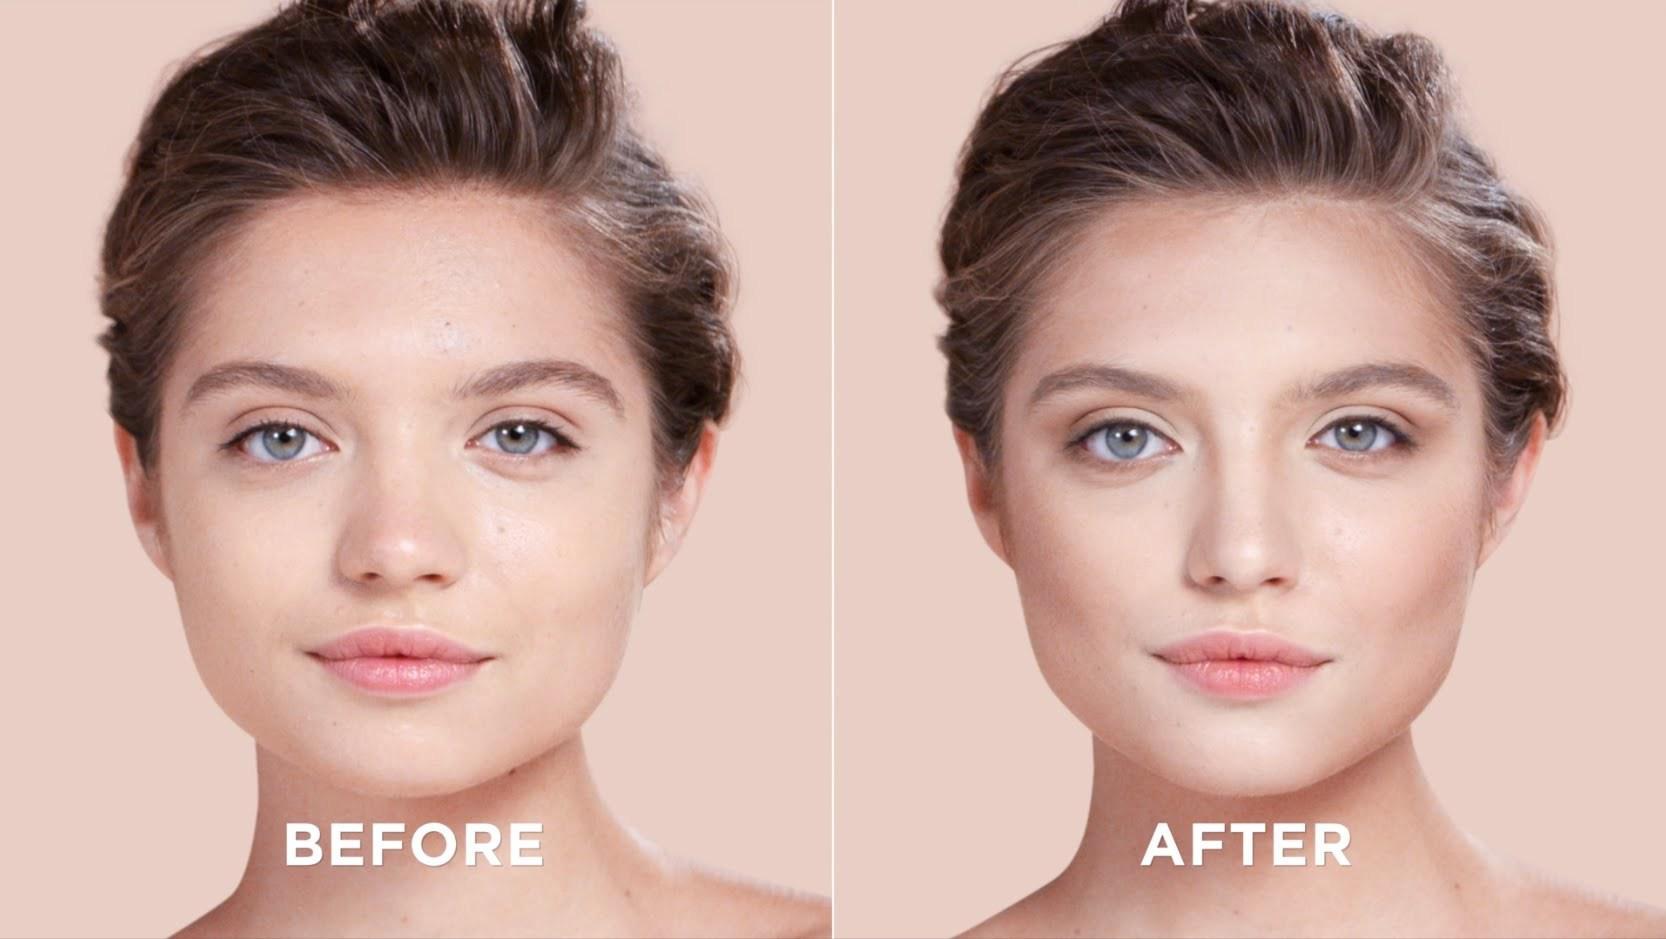 Hướng dẫn cách làm giảm mỡ mặt cực đơn giản cho cô nàng O-line